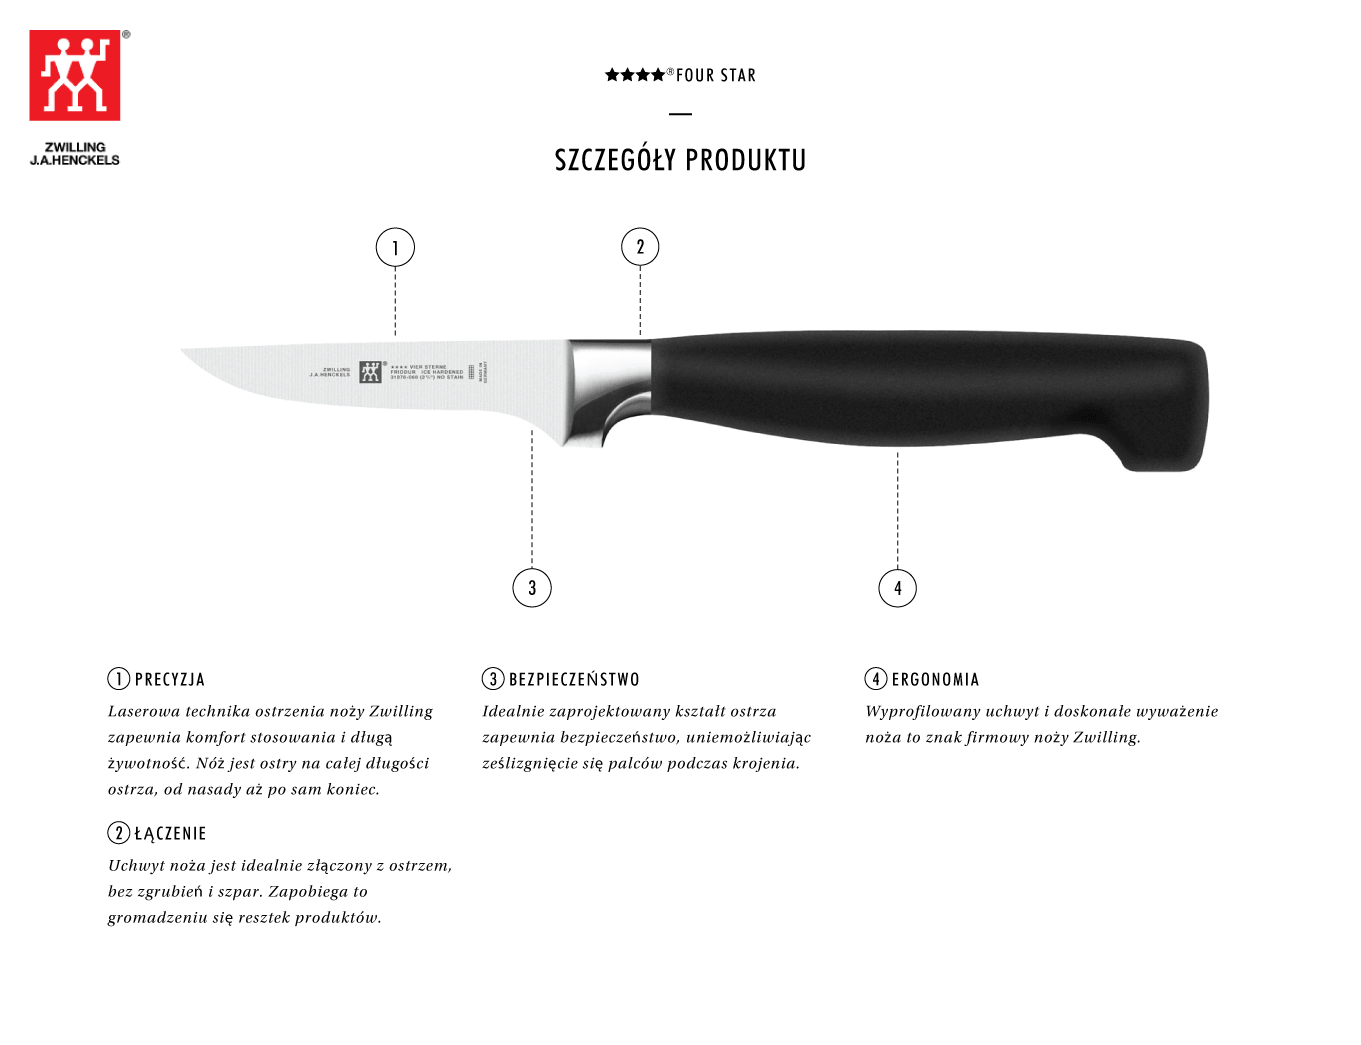 Dlaczego warto kupić nóż do obierania warzyw Zwilling ???? ®FOUR STAR?